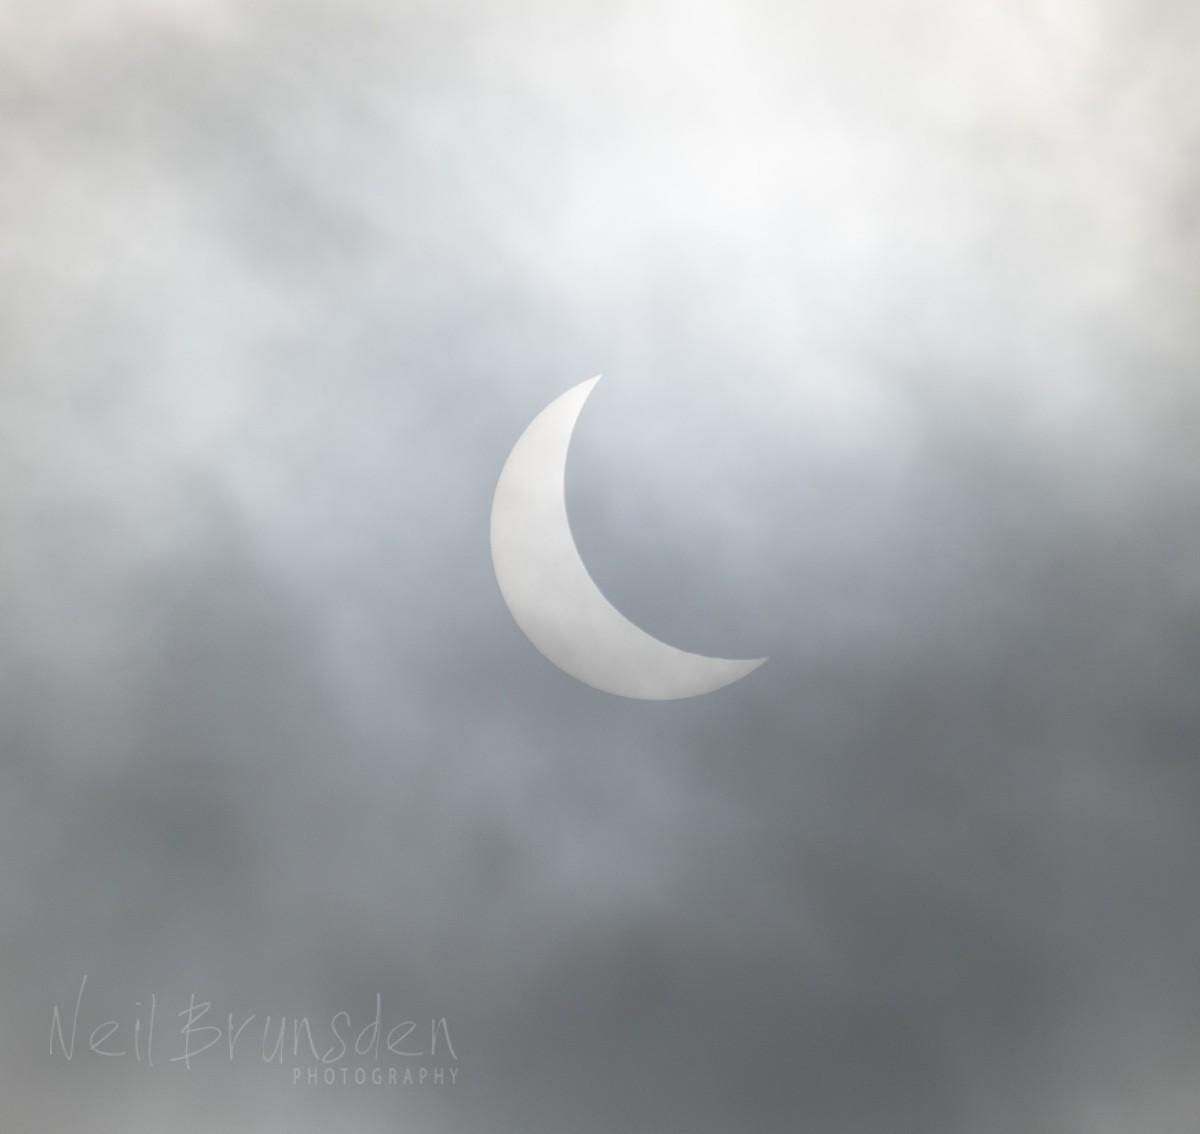 Mancunian Solar Eclipse 2